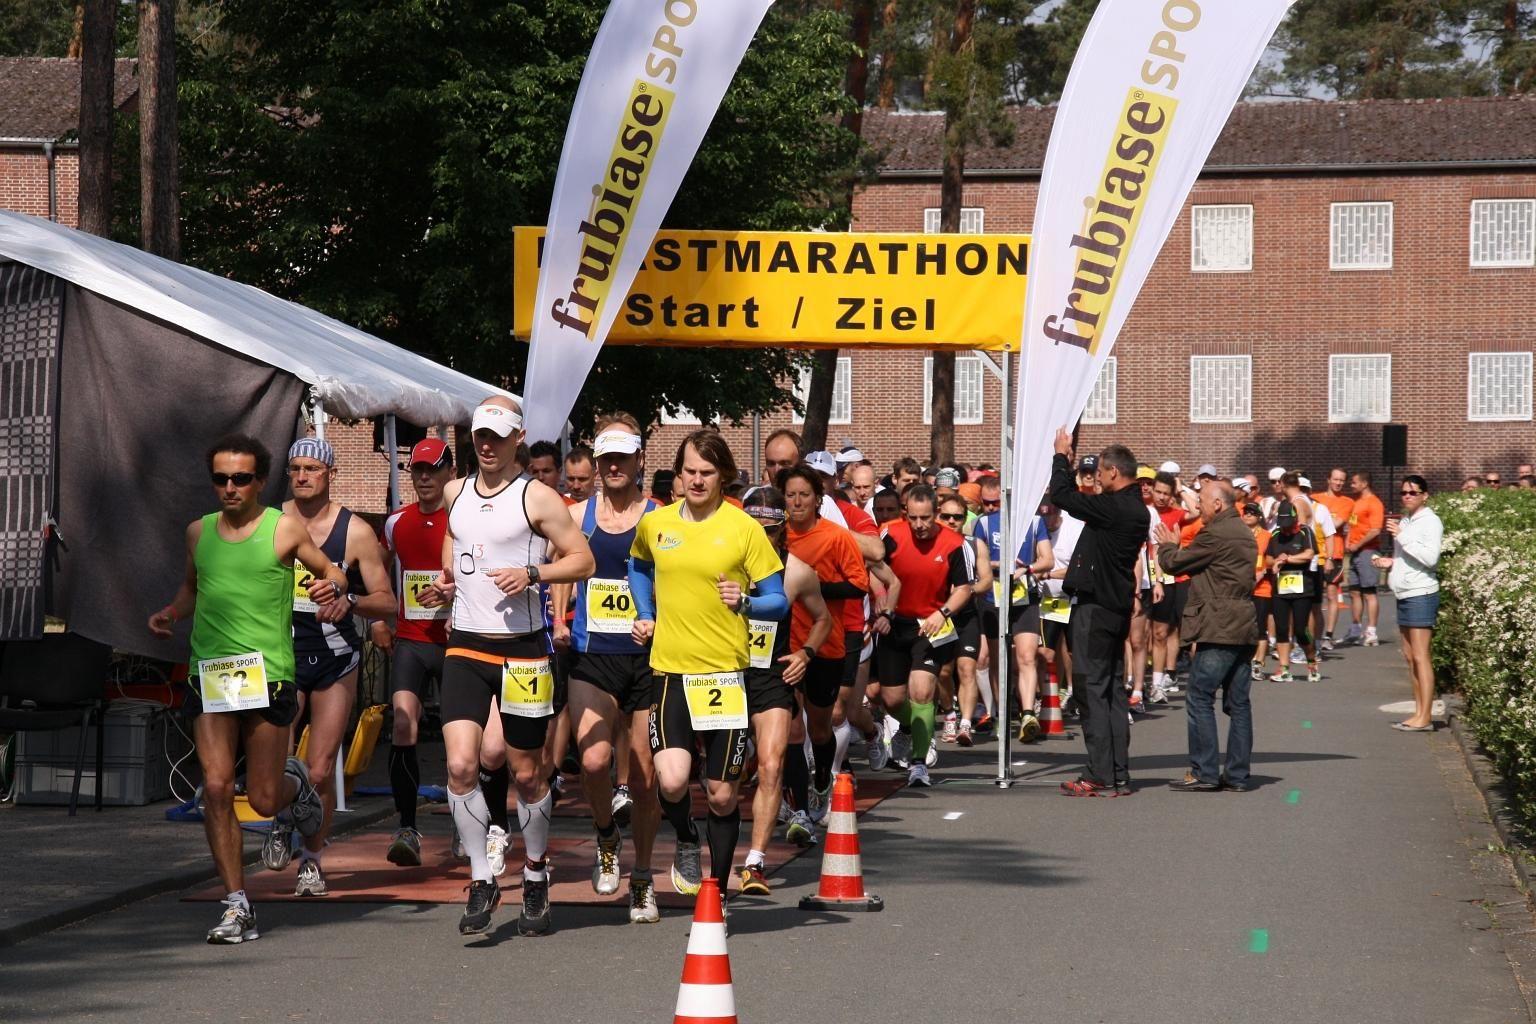 2011-06-08_start_im_knast.jpg